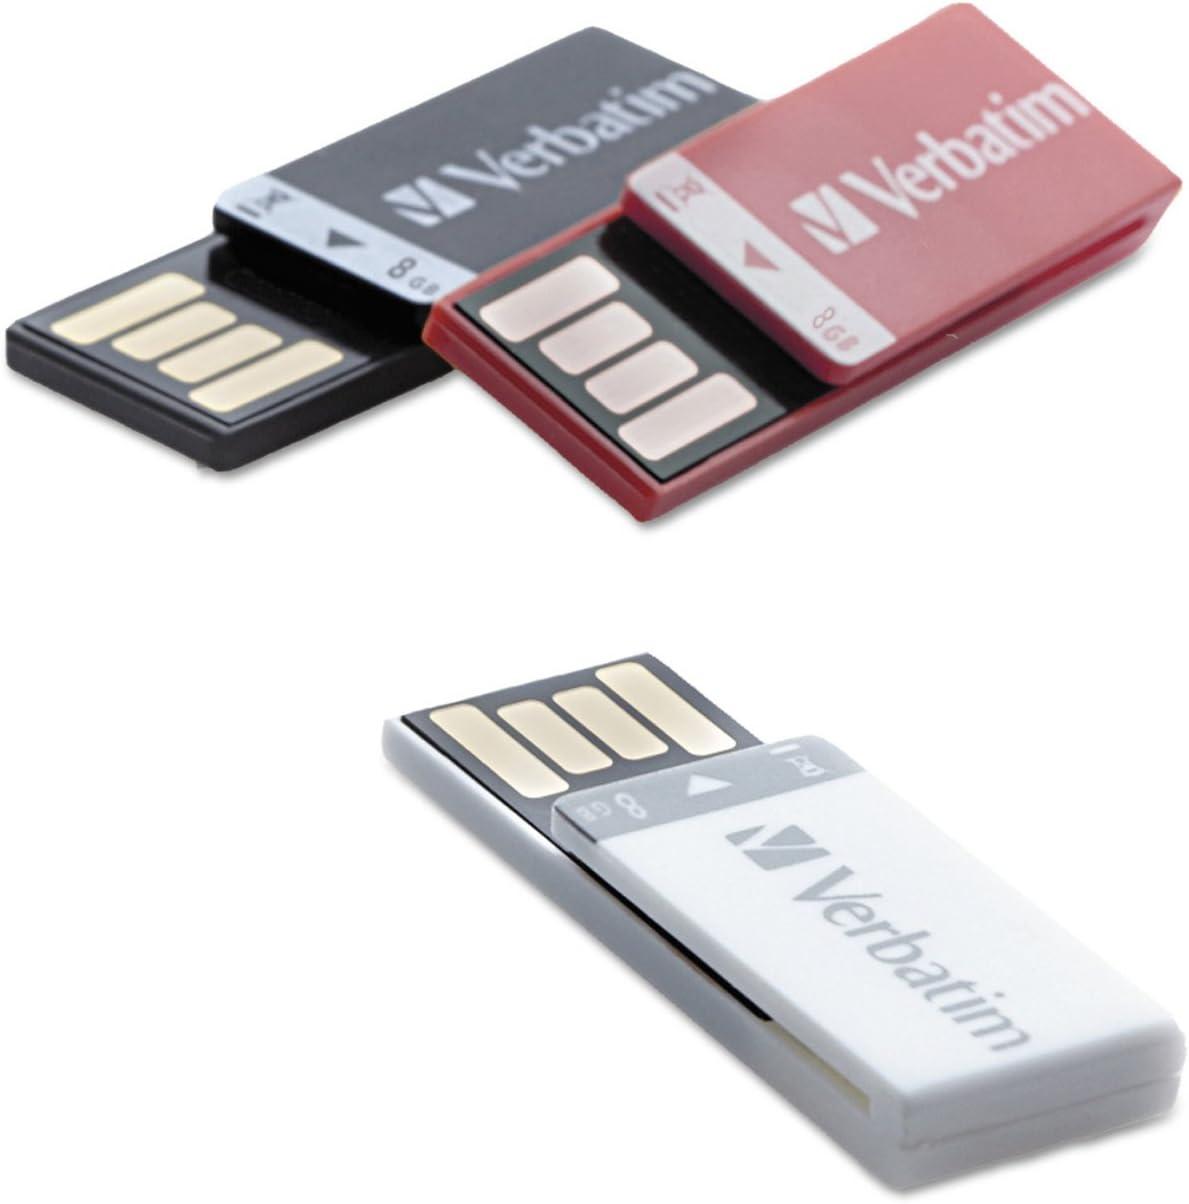 Verbatim Clip It Usb Stick Mehrfarbig 8 Gb Elektronik